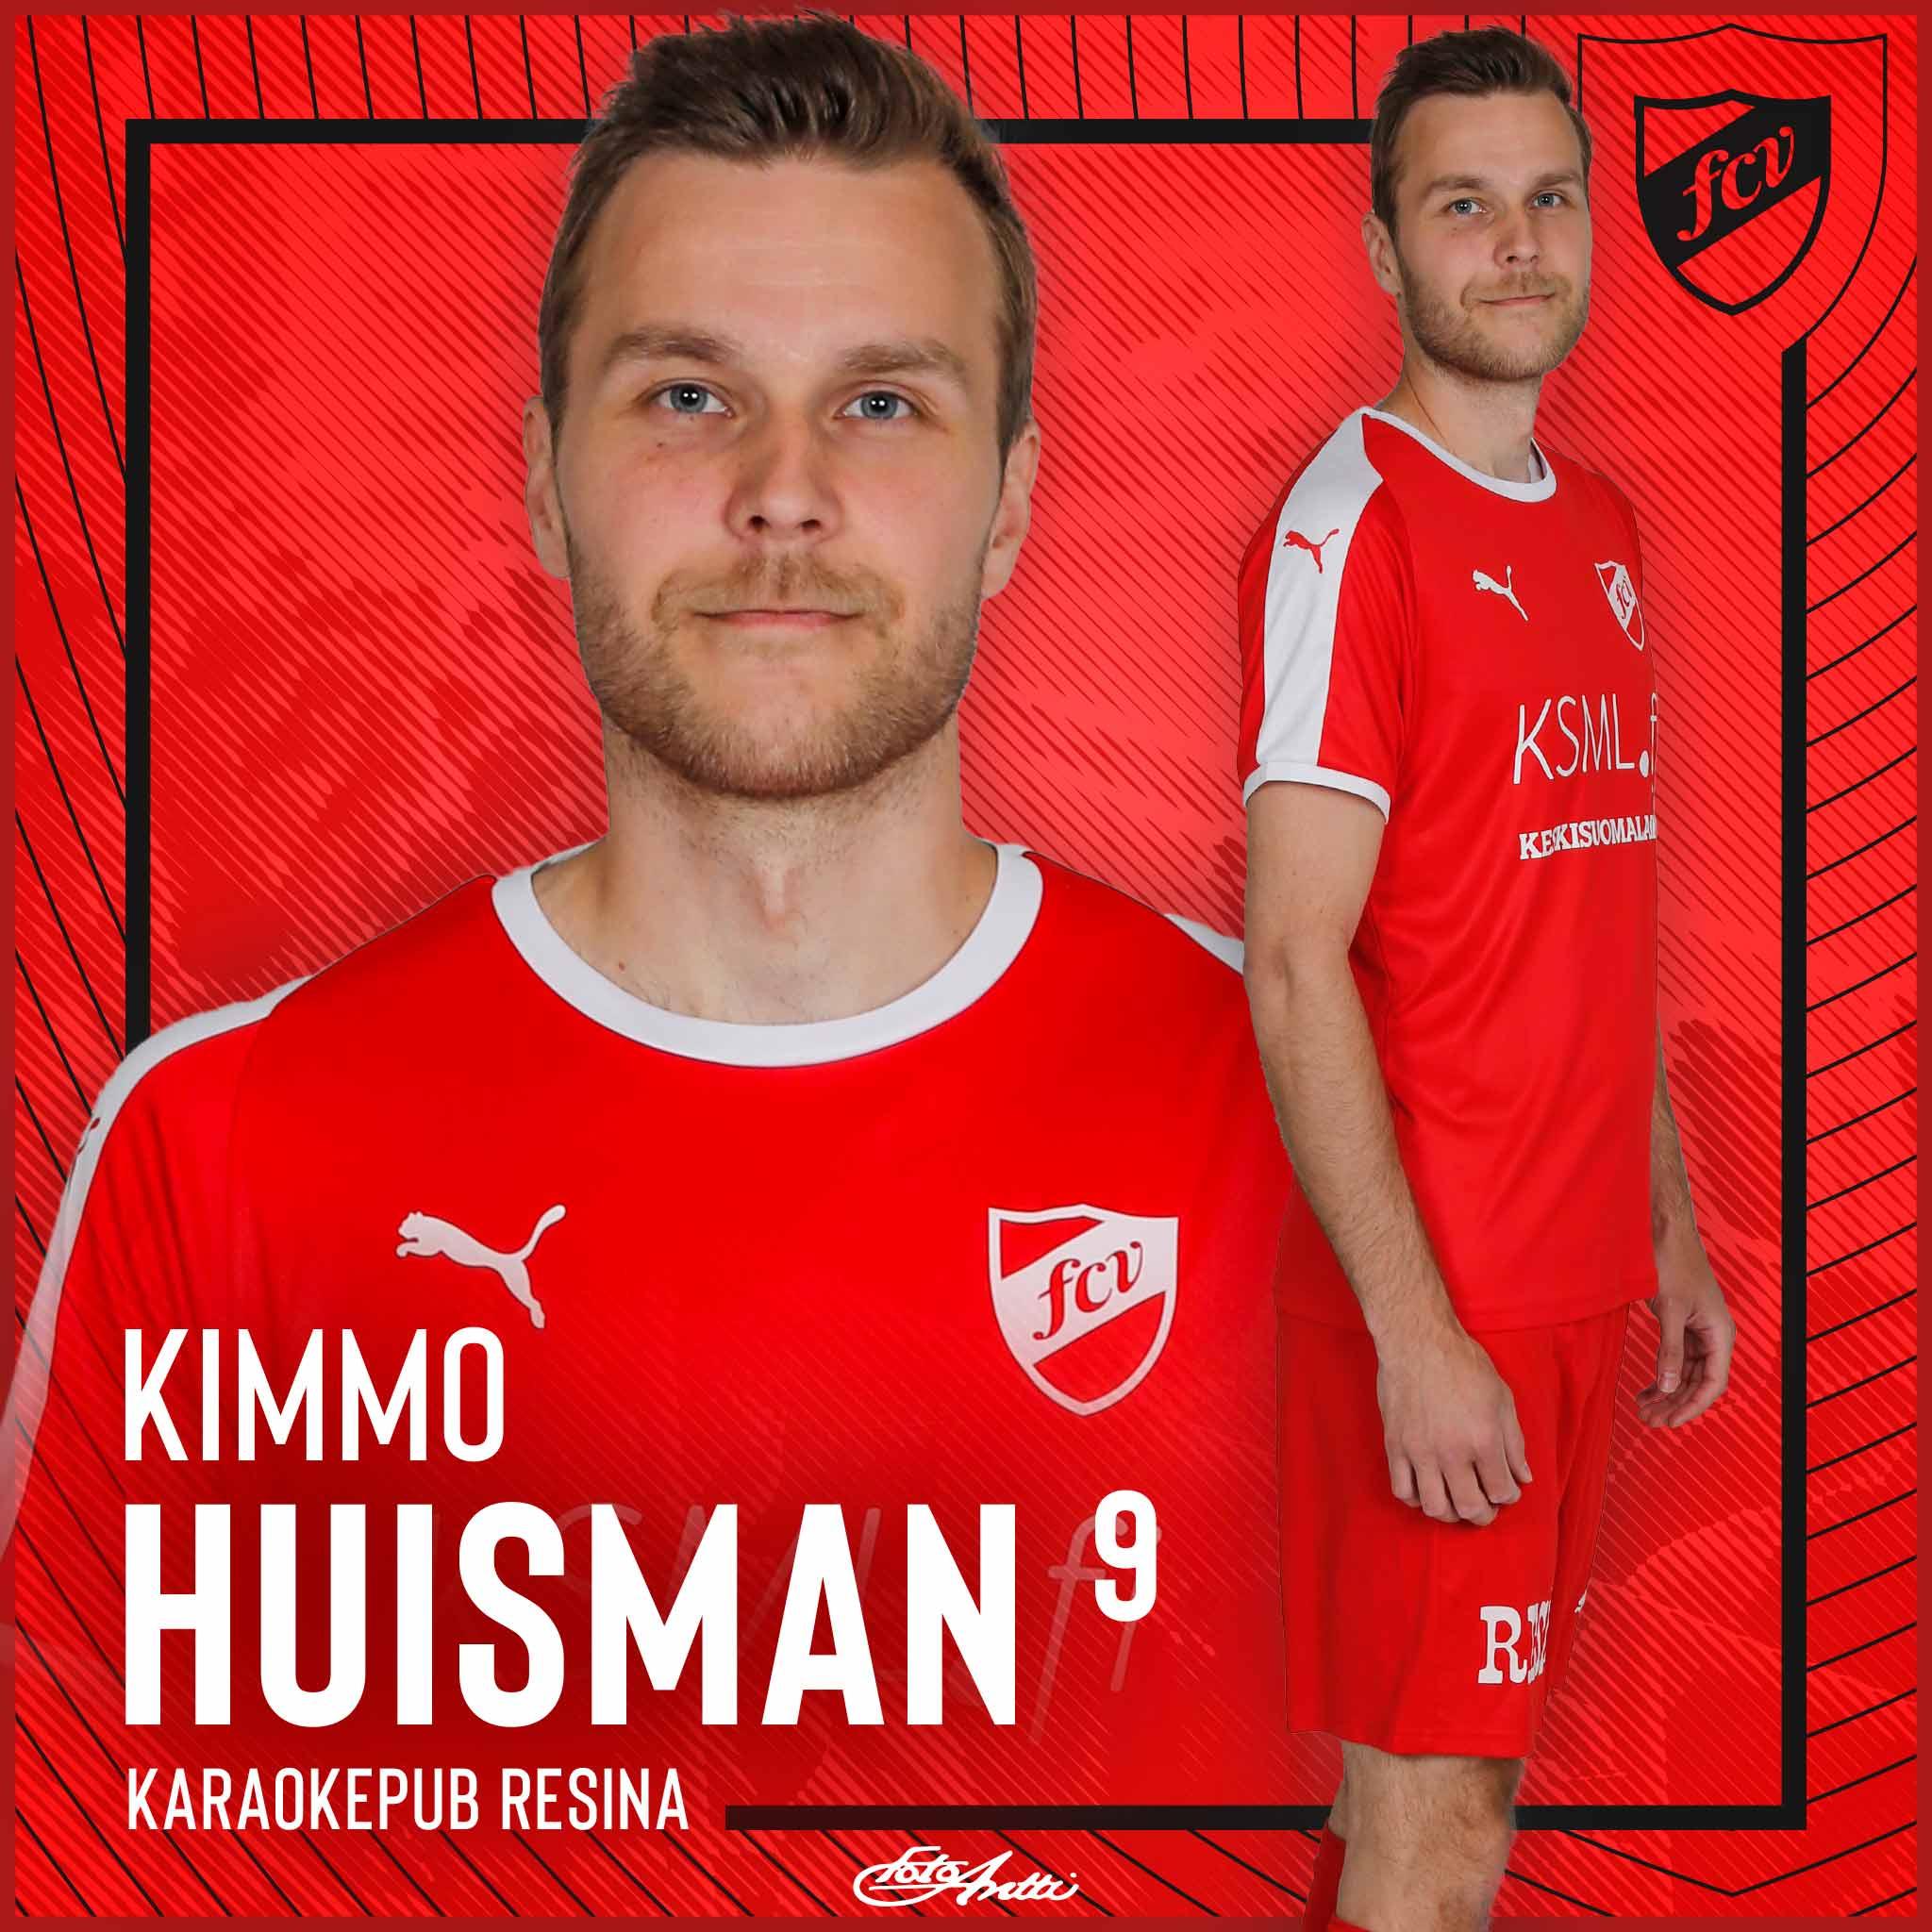 Kimmo Huisman